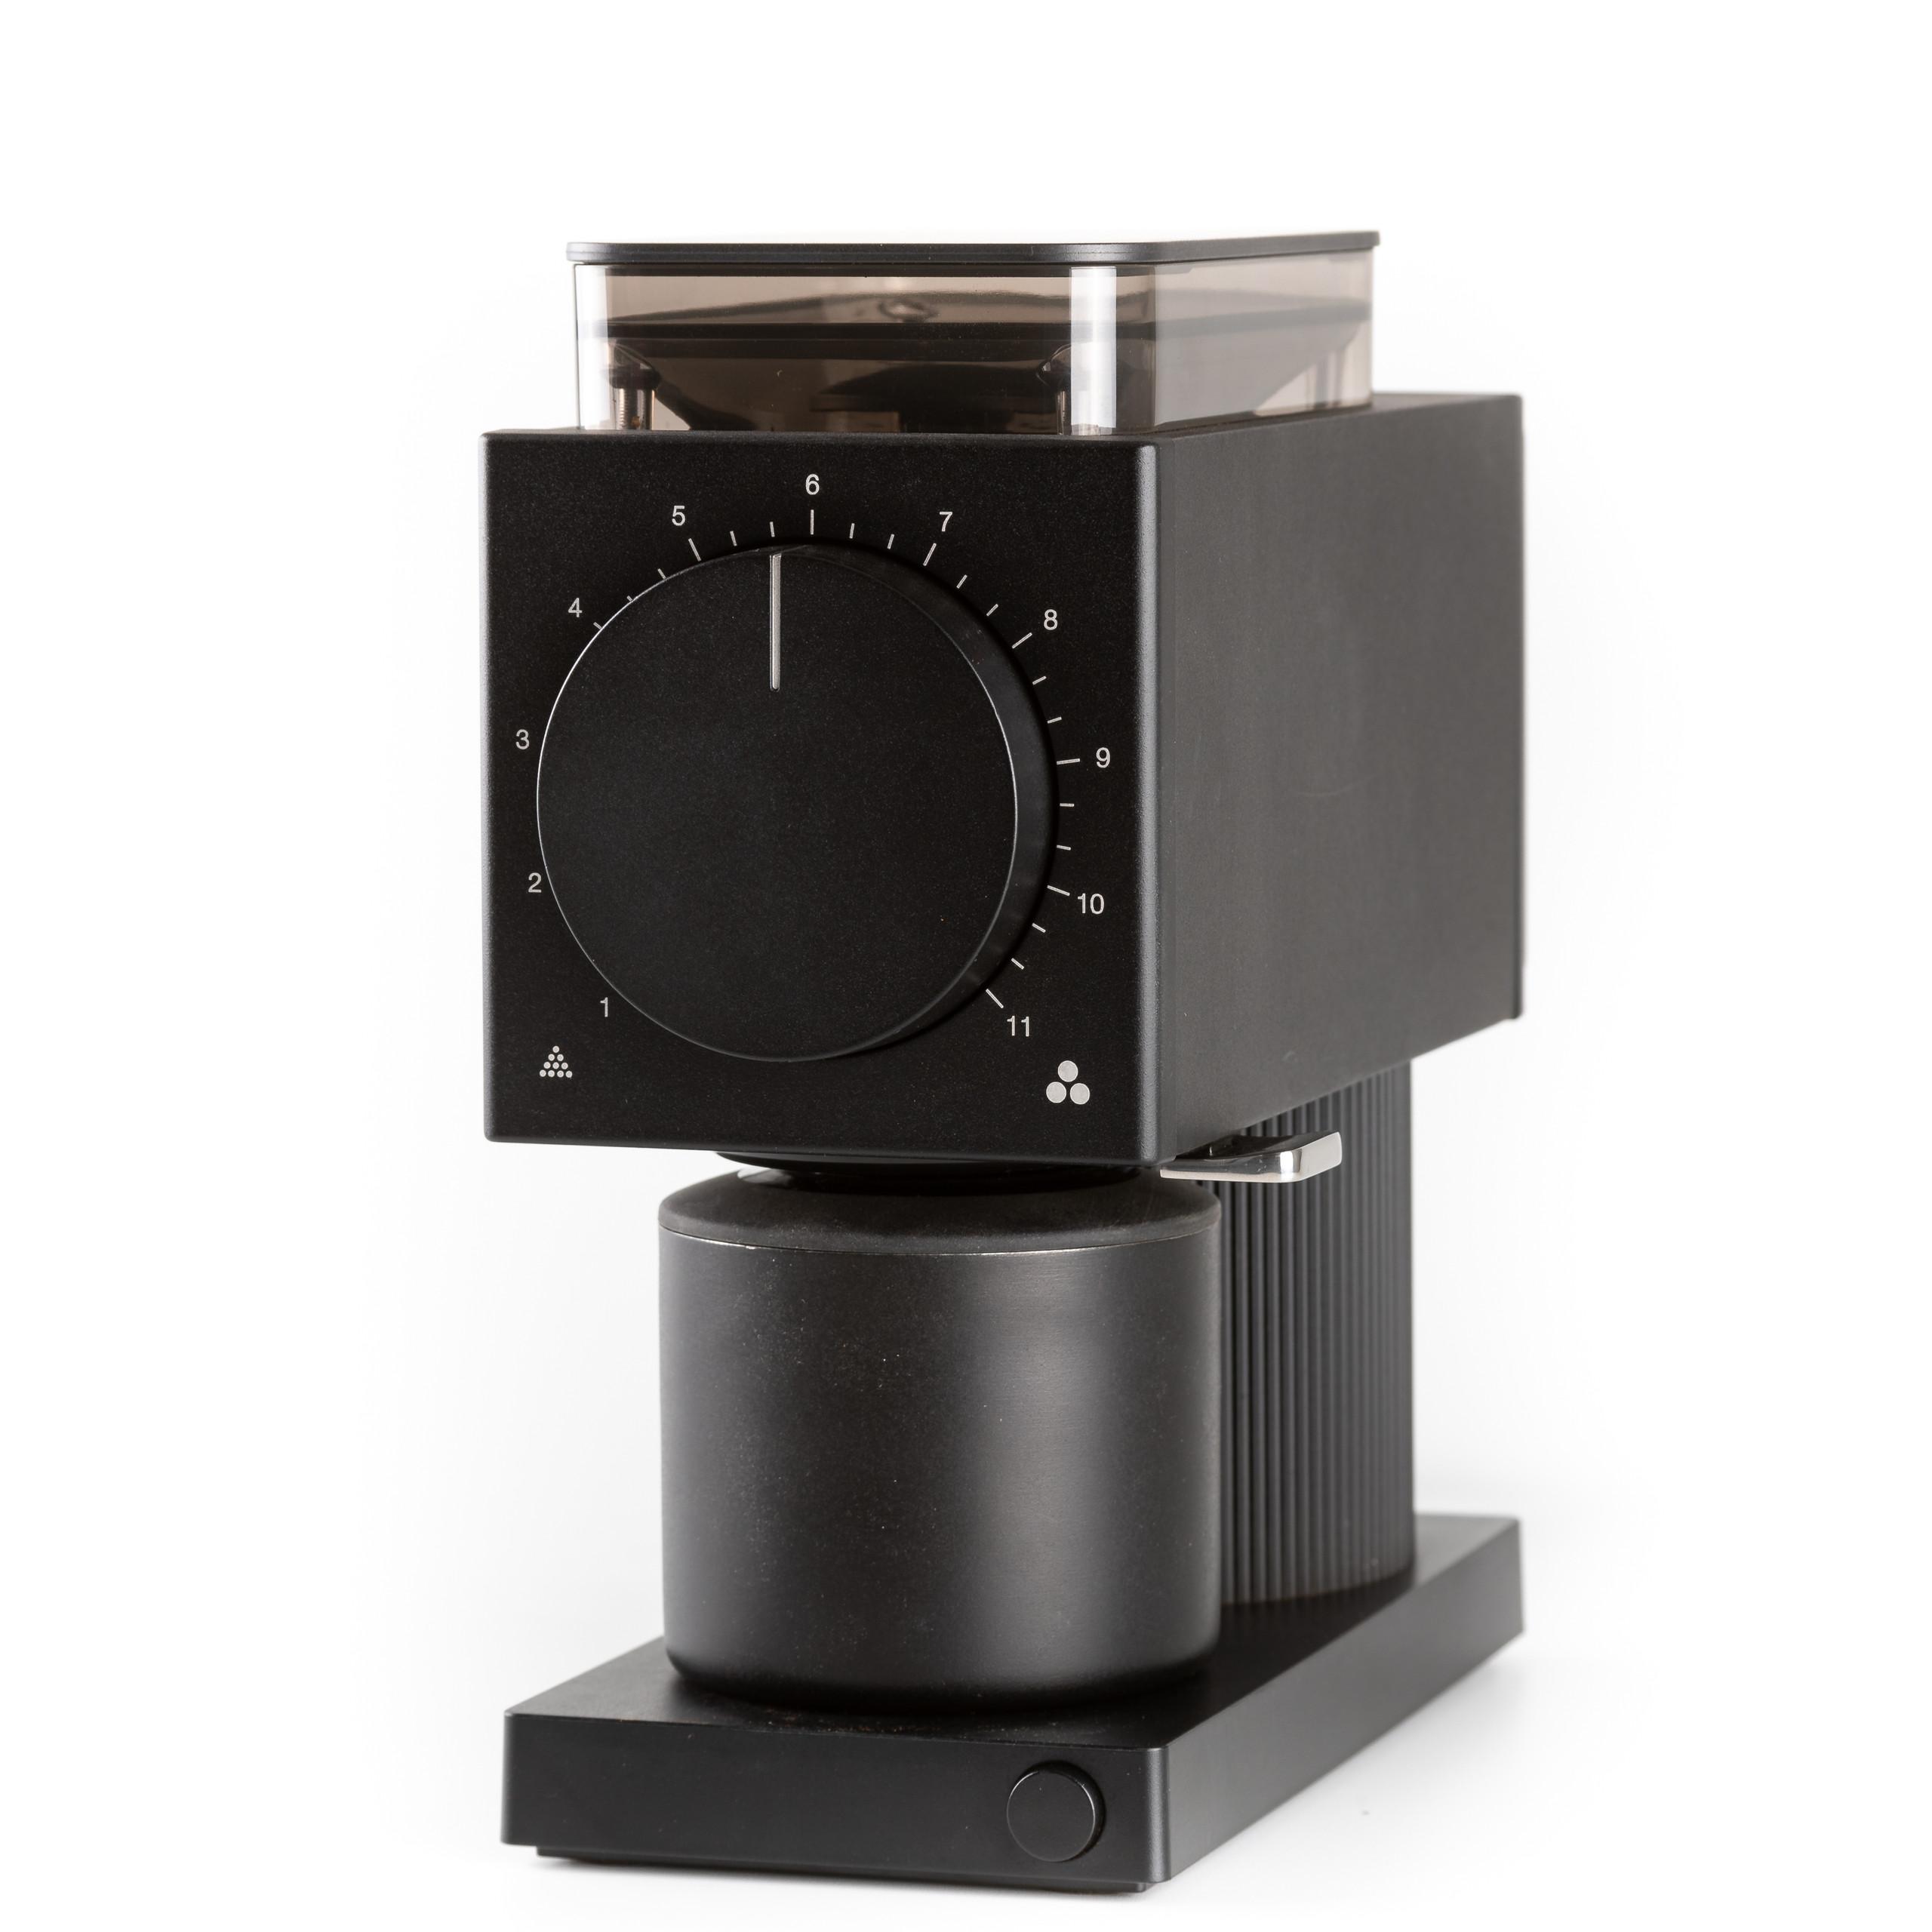 home coffee grinders